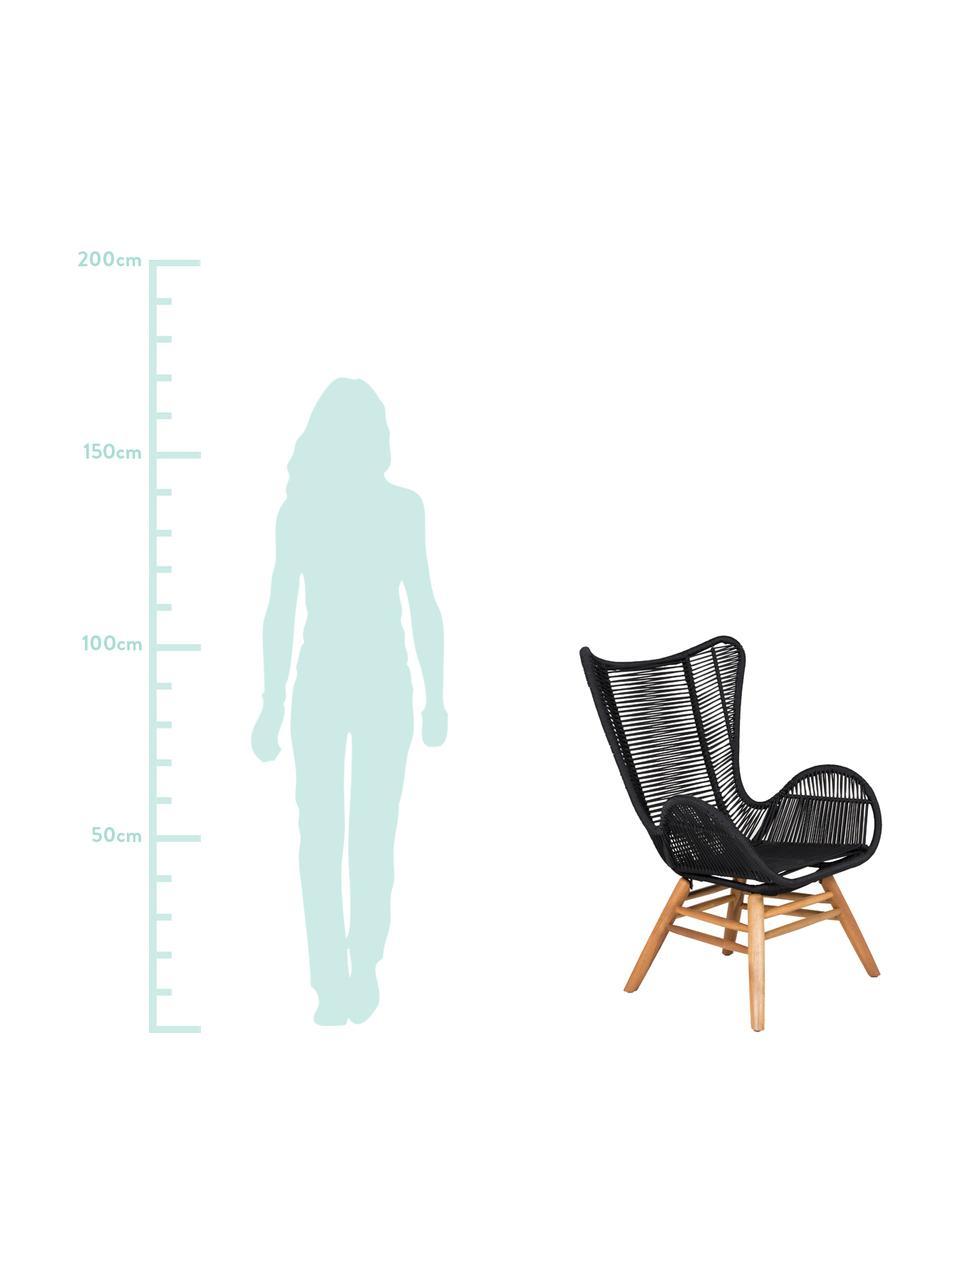 Poltrona nera con gambe in legno Tingeling, Sottostruttura: metallo, Piedini: legno di acacia, Nero, beige, Larg. 72 x Prof. 78 cm